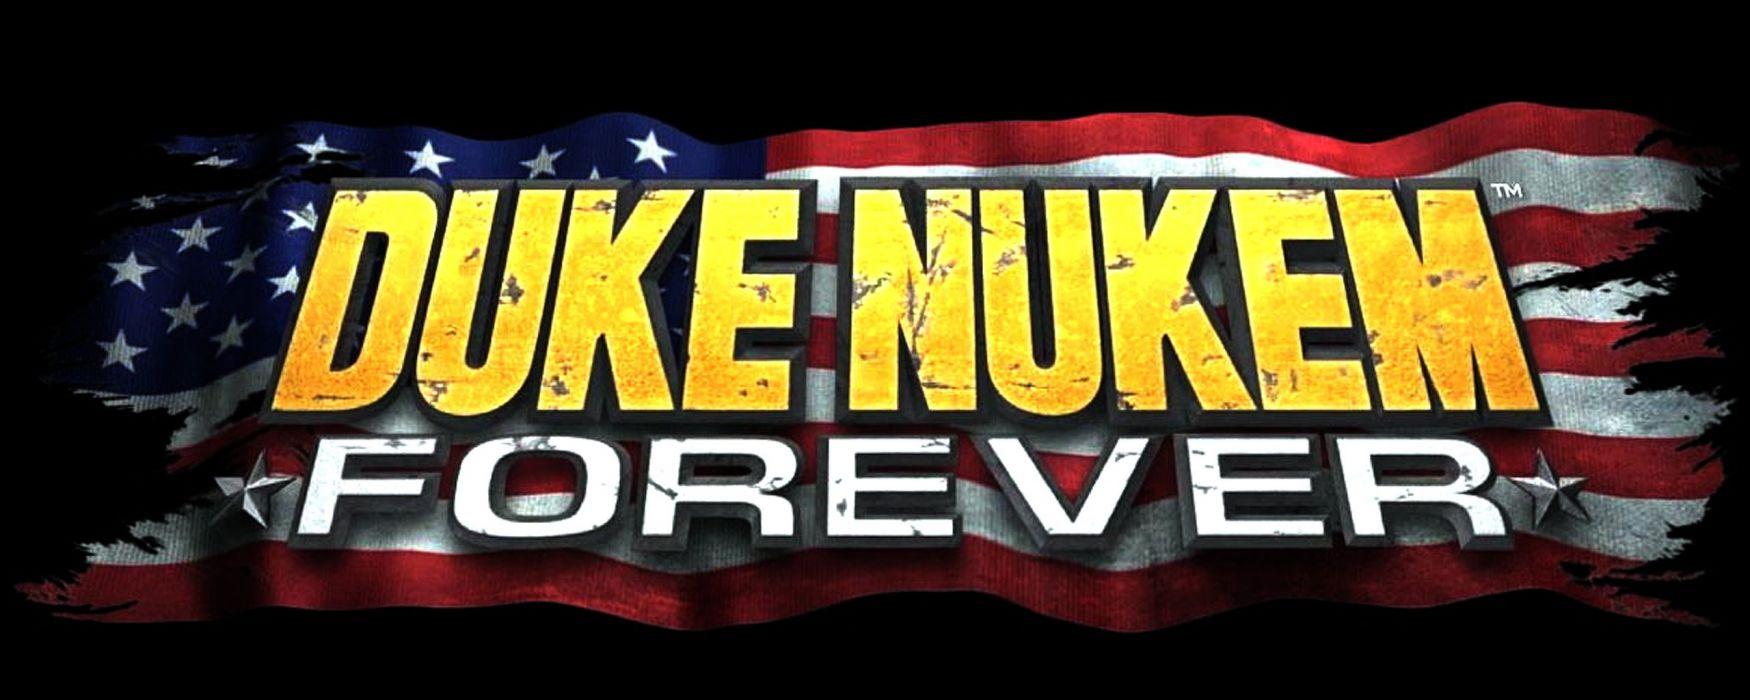 DUKE NUKEM shooter action warrior (79) wallpaper